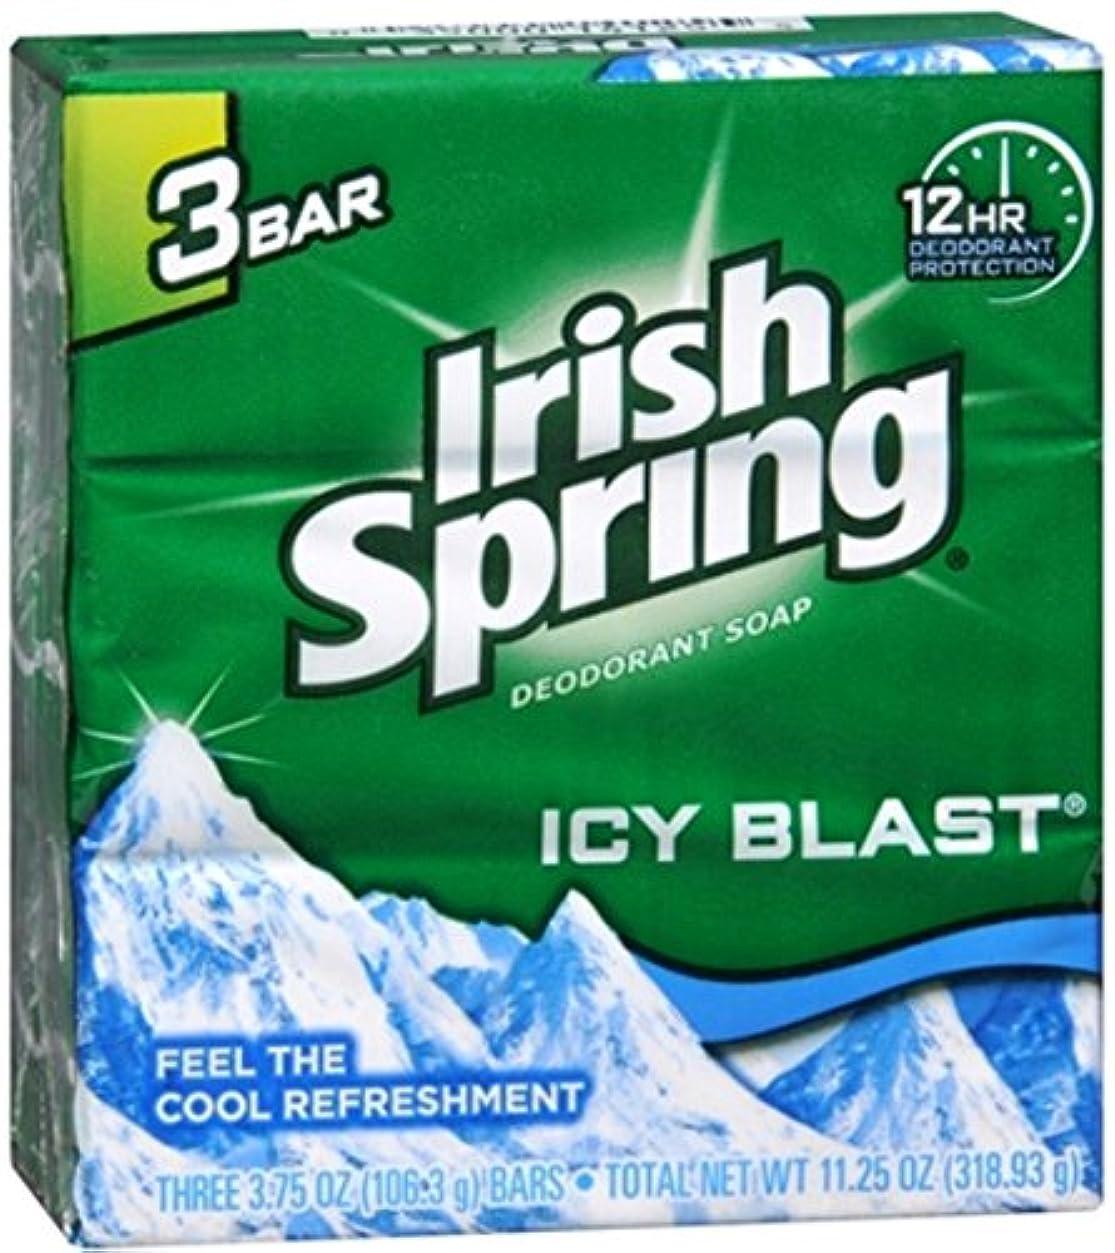 マーベルソーダ水平らな【Irish Spring】アイリッシュスプリング?デオドラント石鹸113g×3個パック 【アイシーブラスト】